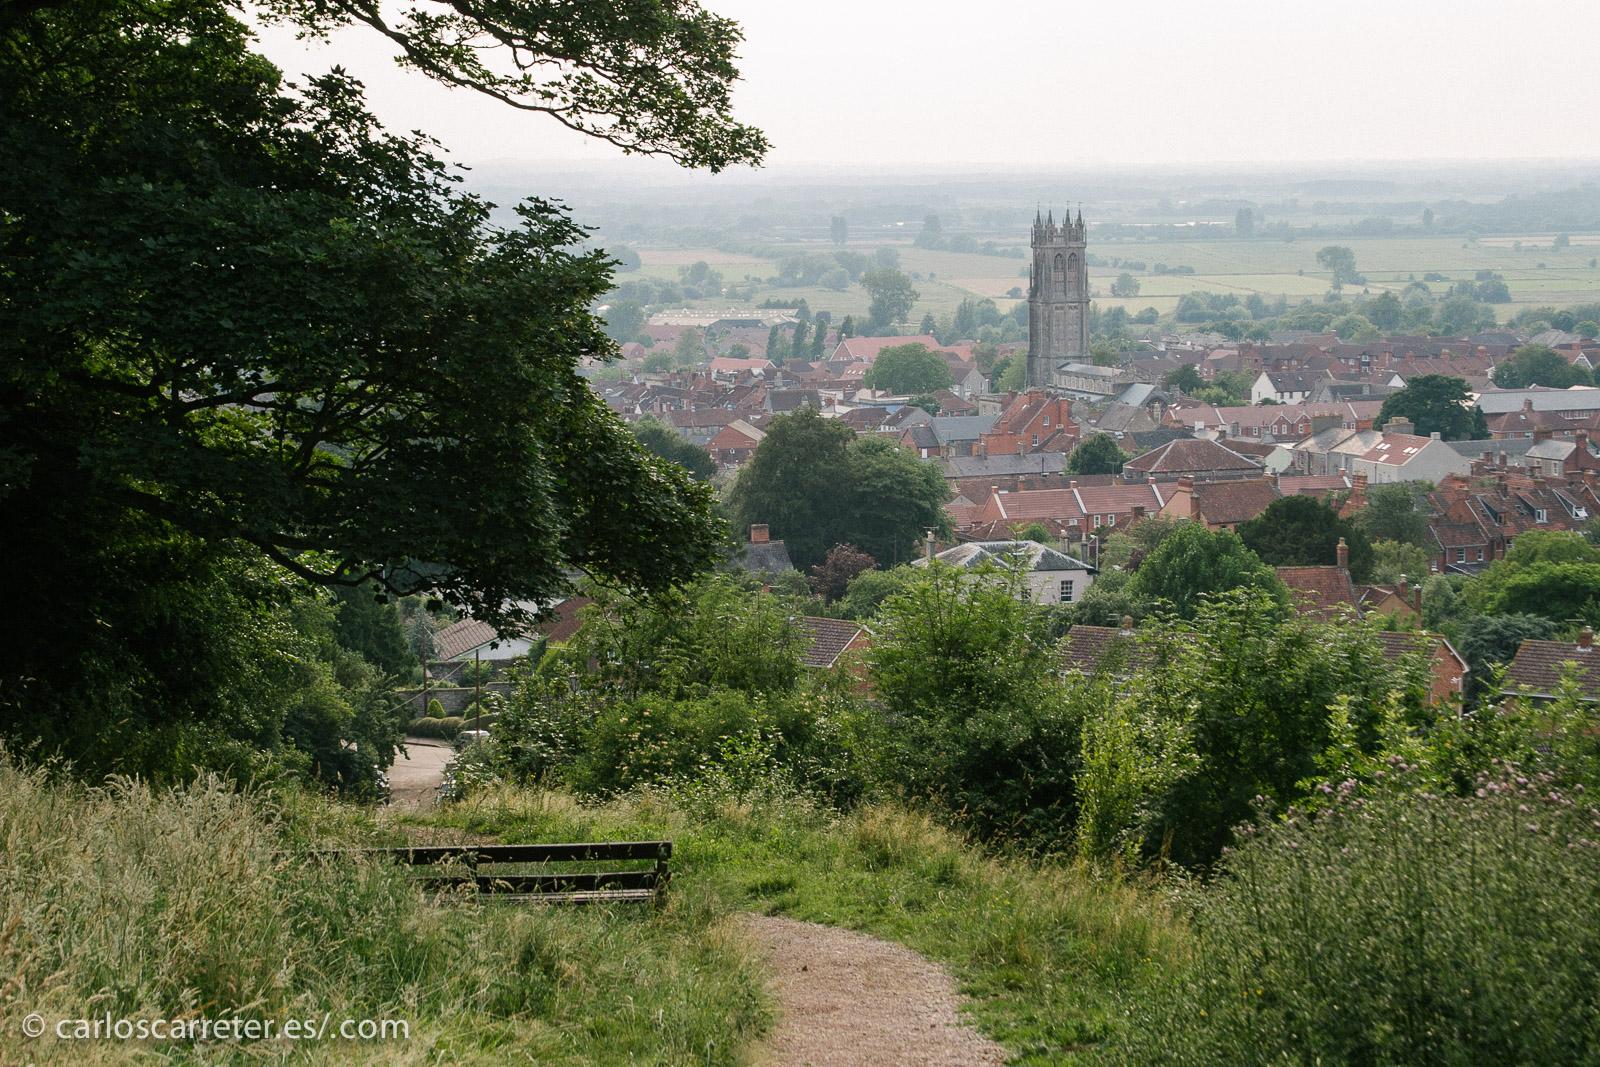 En concreto a Glastonbury, en Somerset, un lugar con mucho sabor mitológico, asociado al ciclo artúrico.